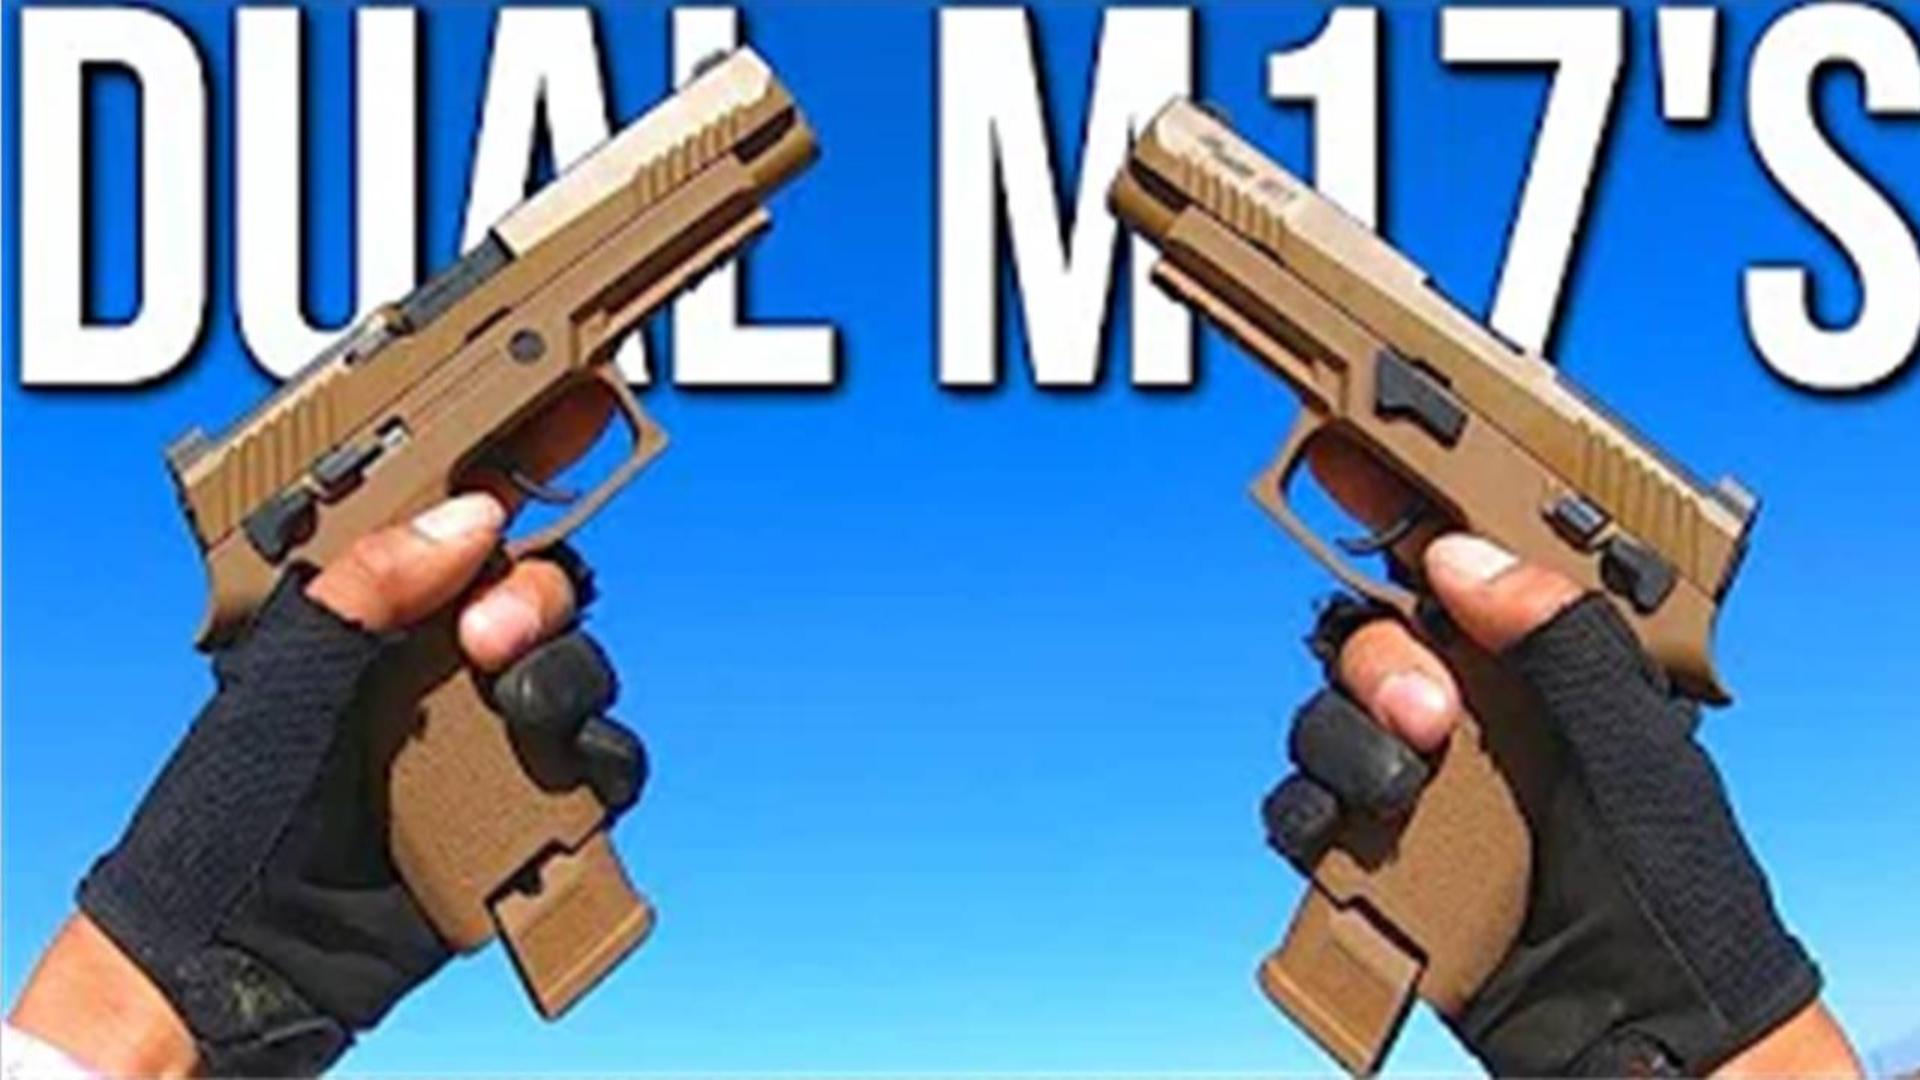 【wargame】美国玩家沙漠狐—双持M17下场